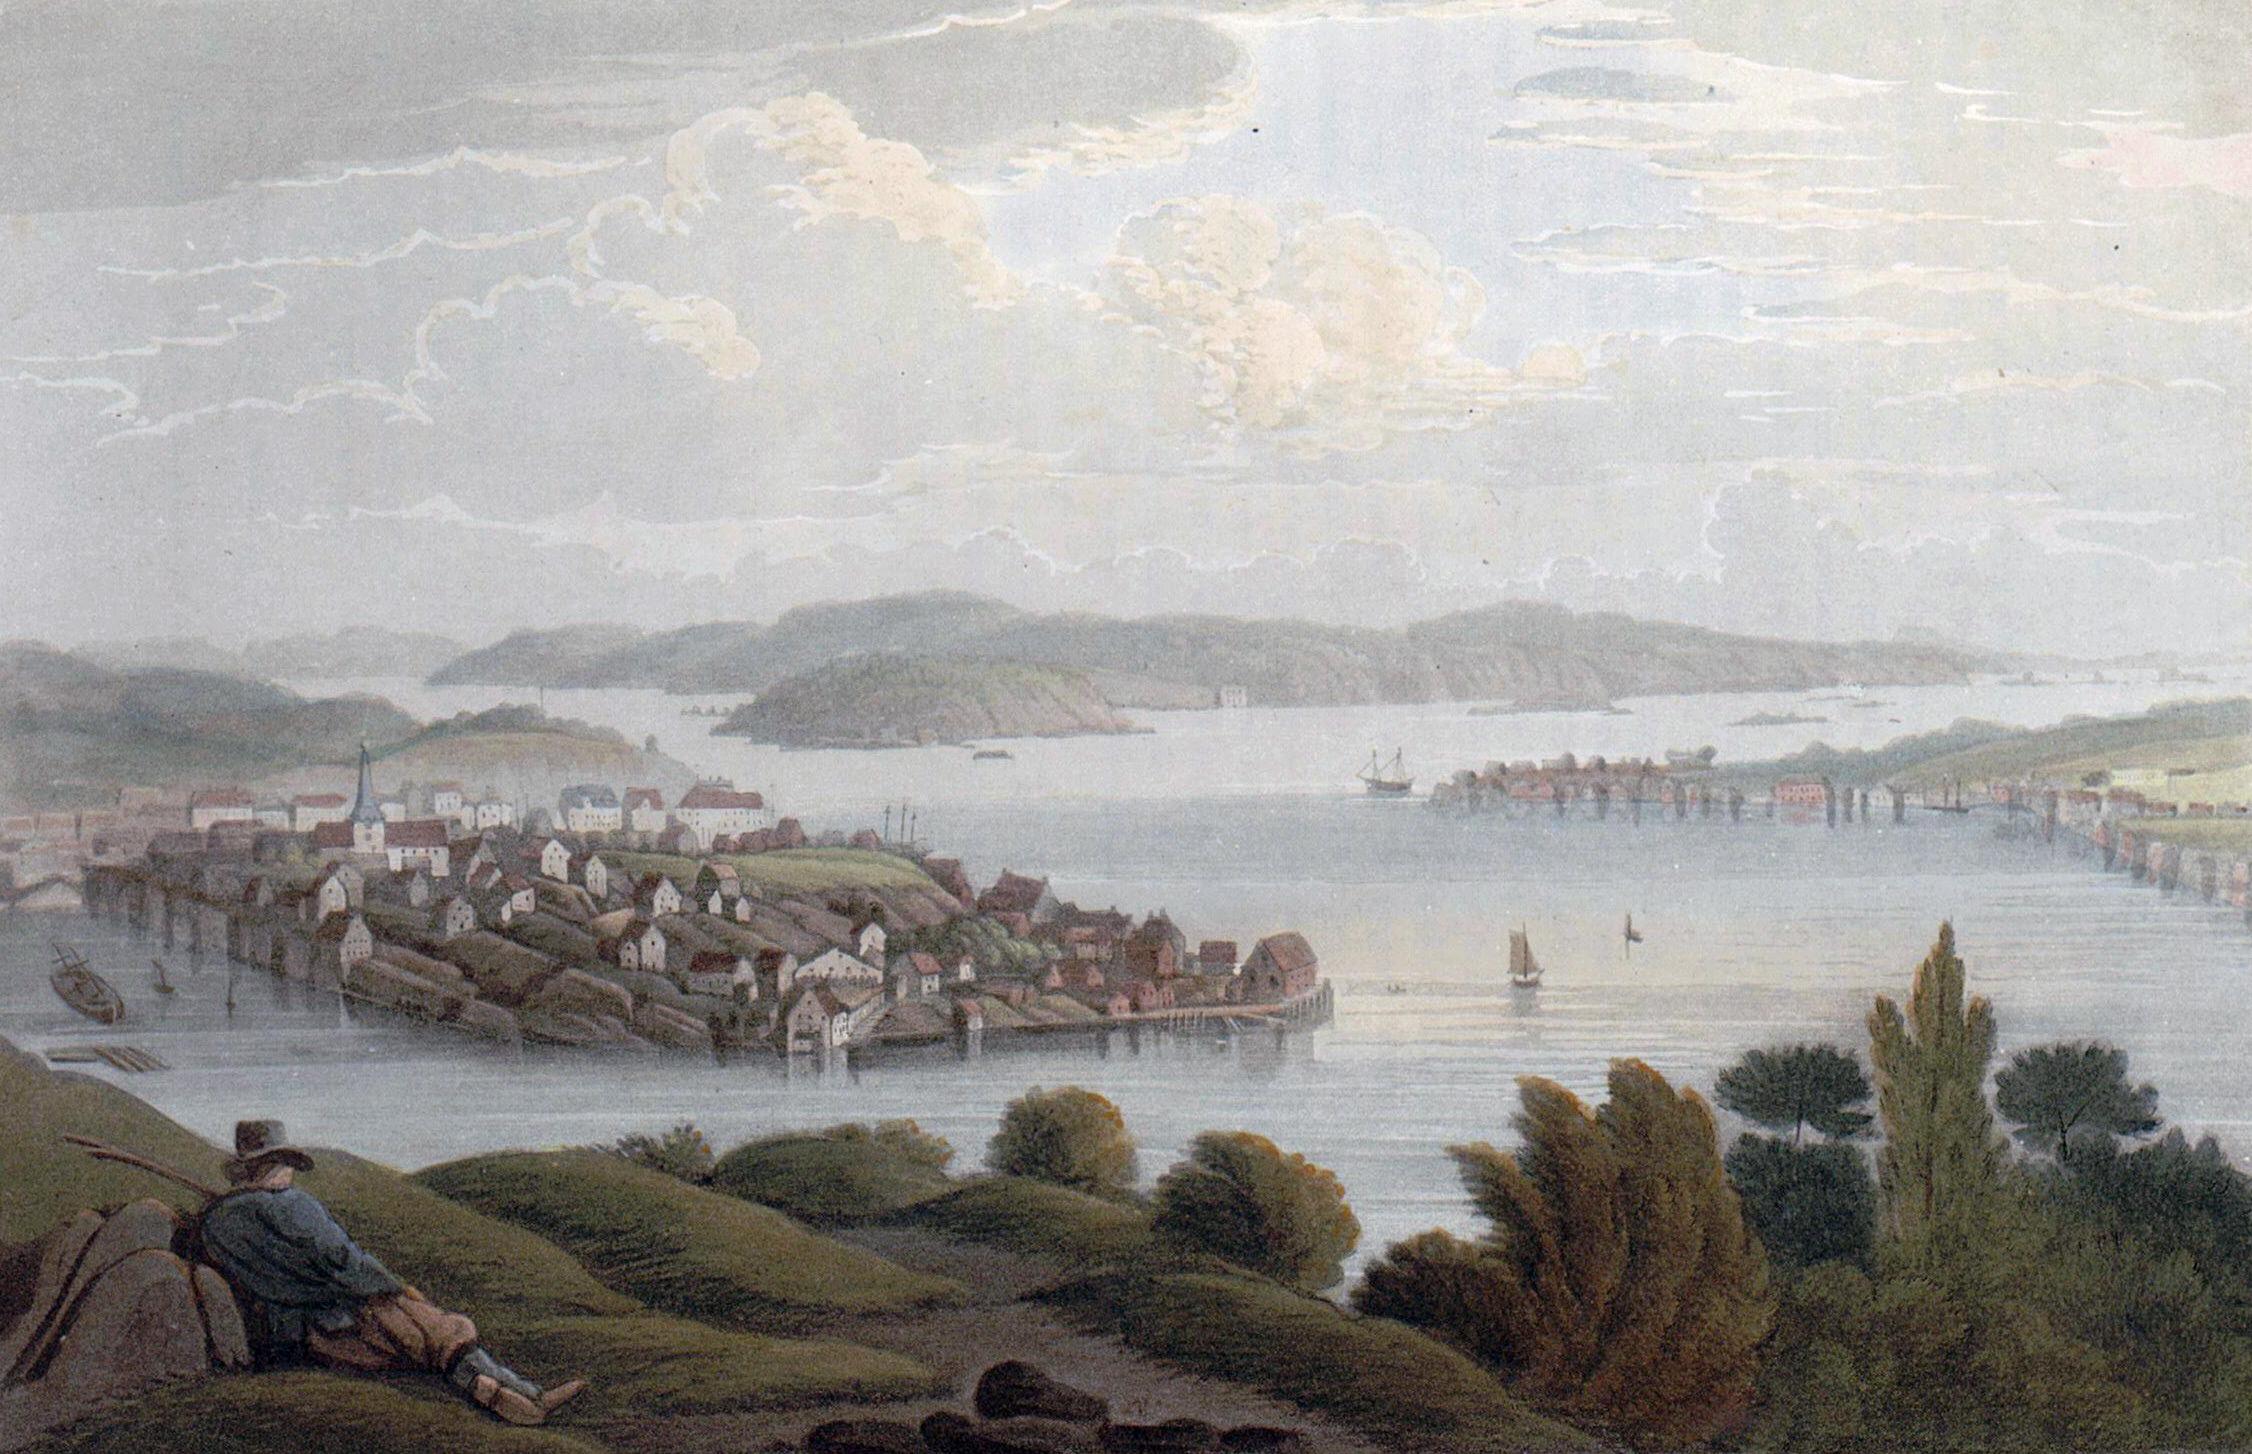 Bilde 3: Arendal havn 1800. John William Edy